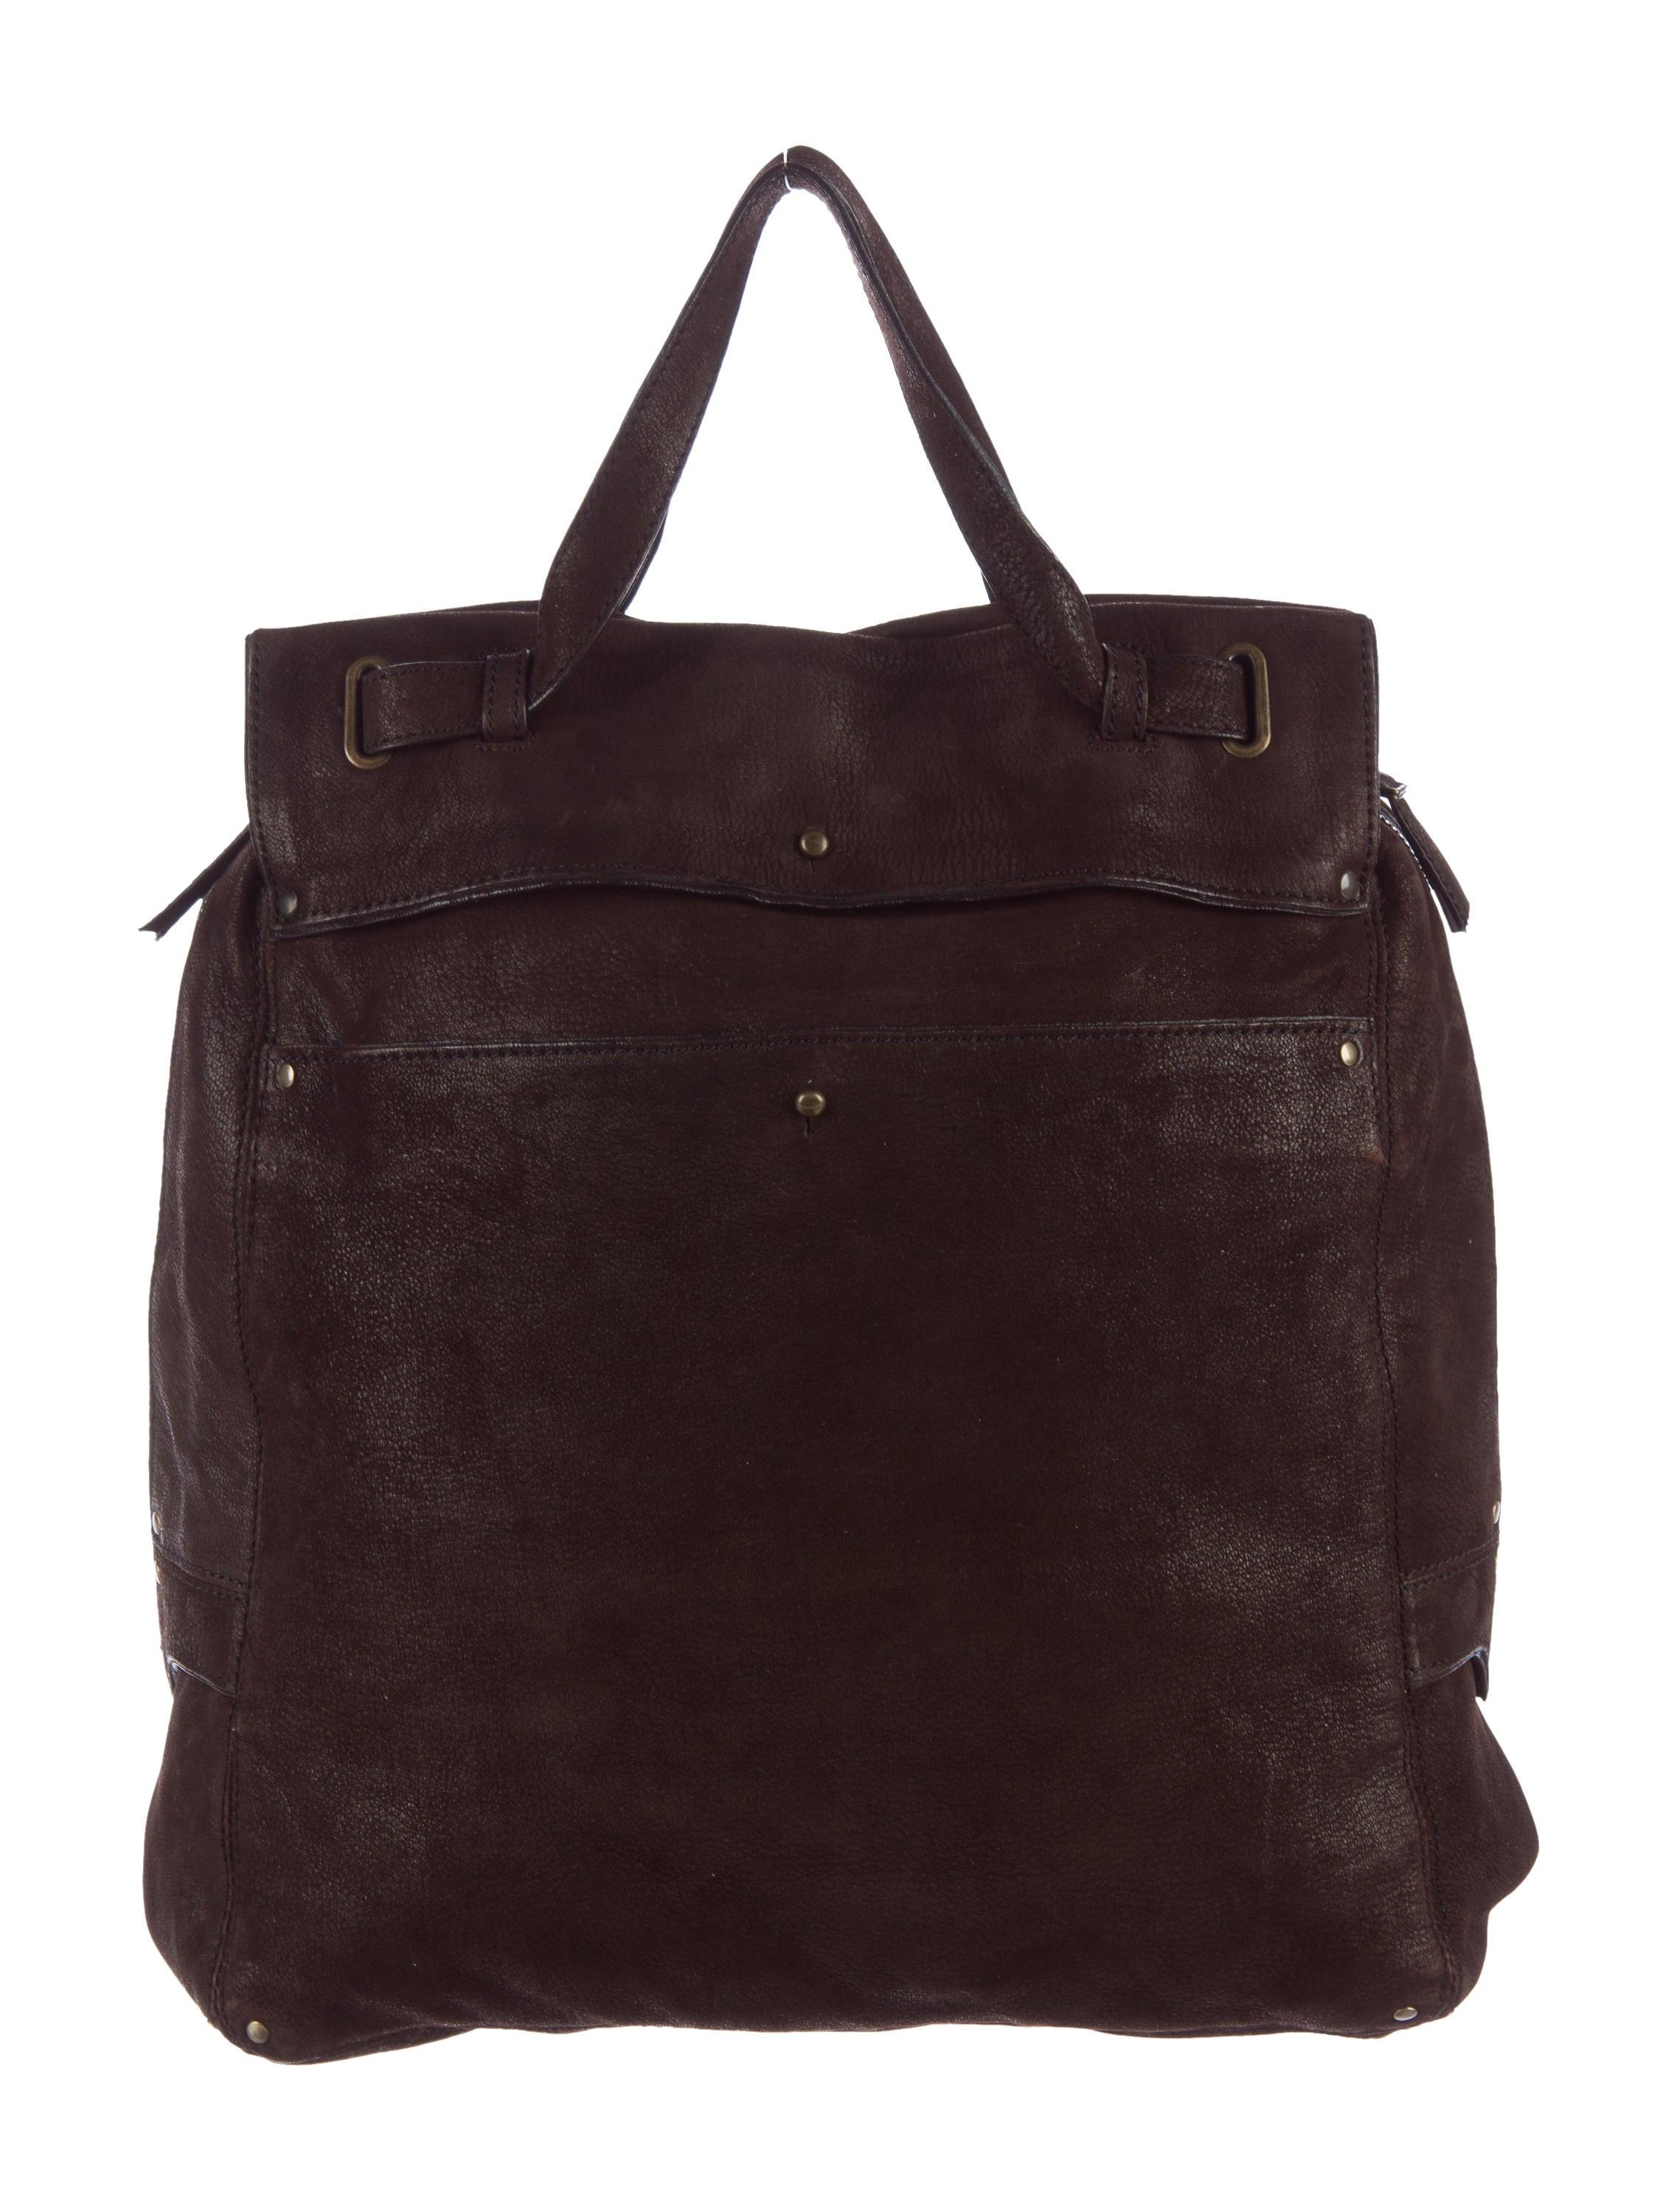 Luxury Pedro Garcia Handbags Women 4  Listupp